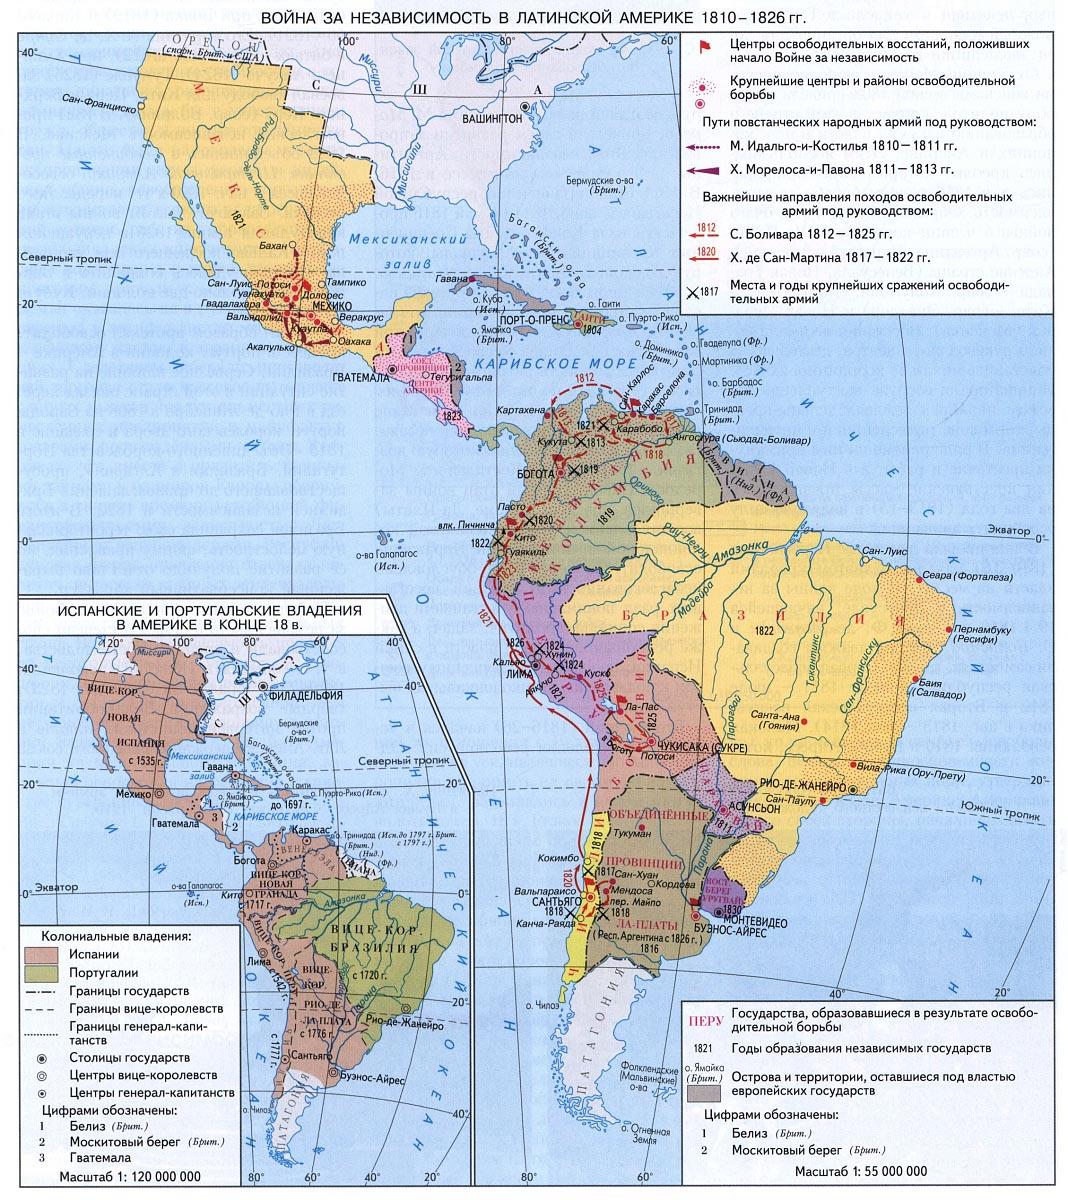 �спанские колонии в первой половине XIX века. Борьба за независимость